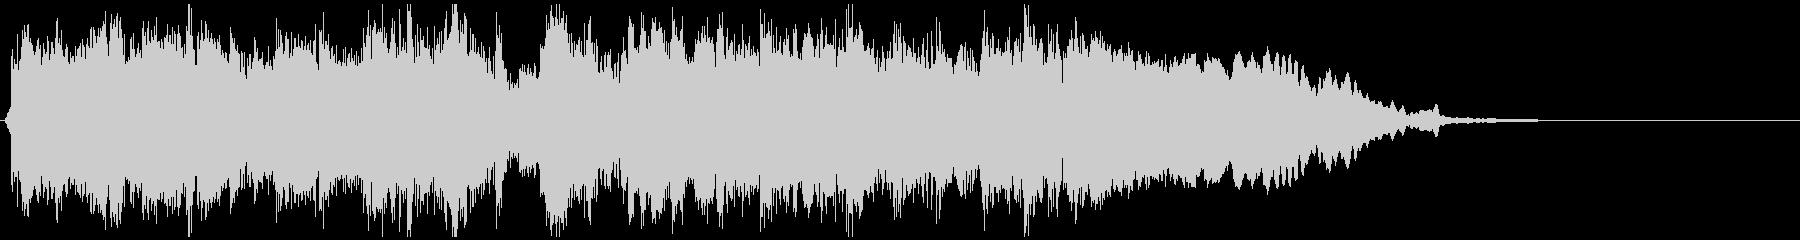 ゴリゴリな和風EDMジングル ※8秒版の未再生の波形